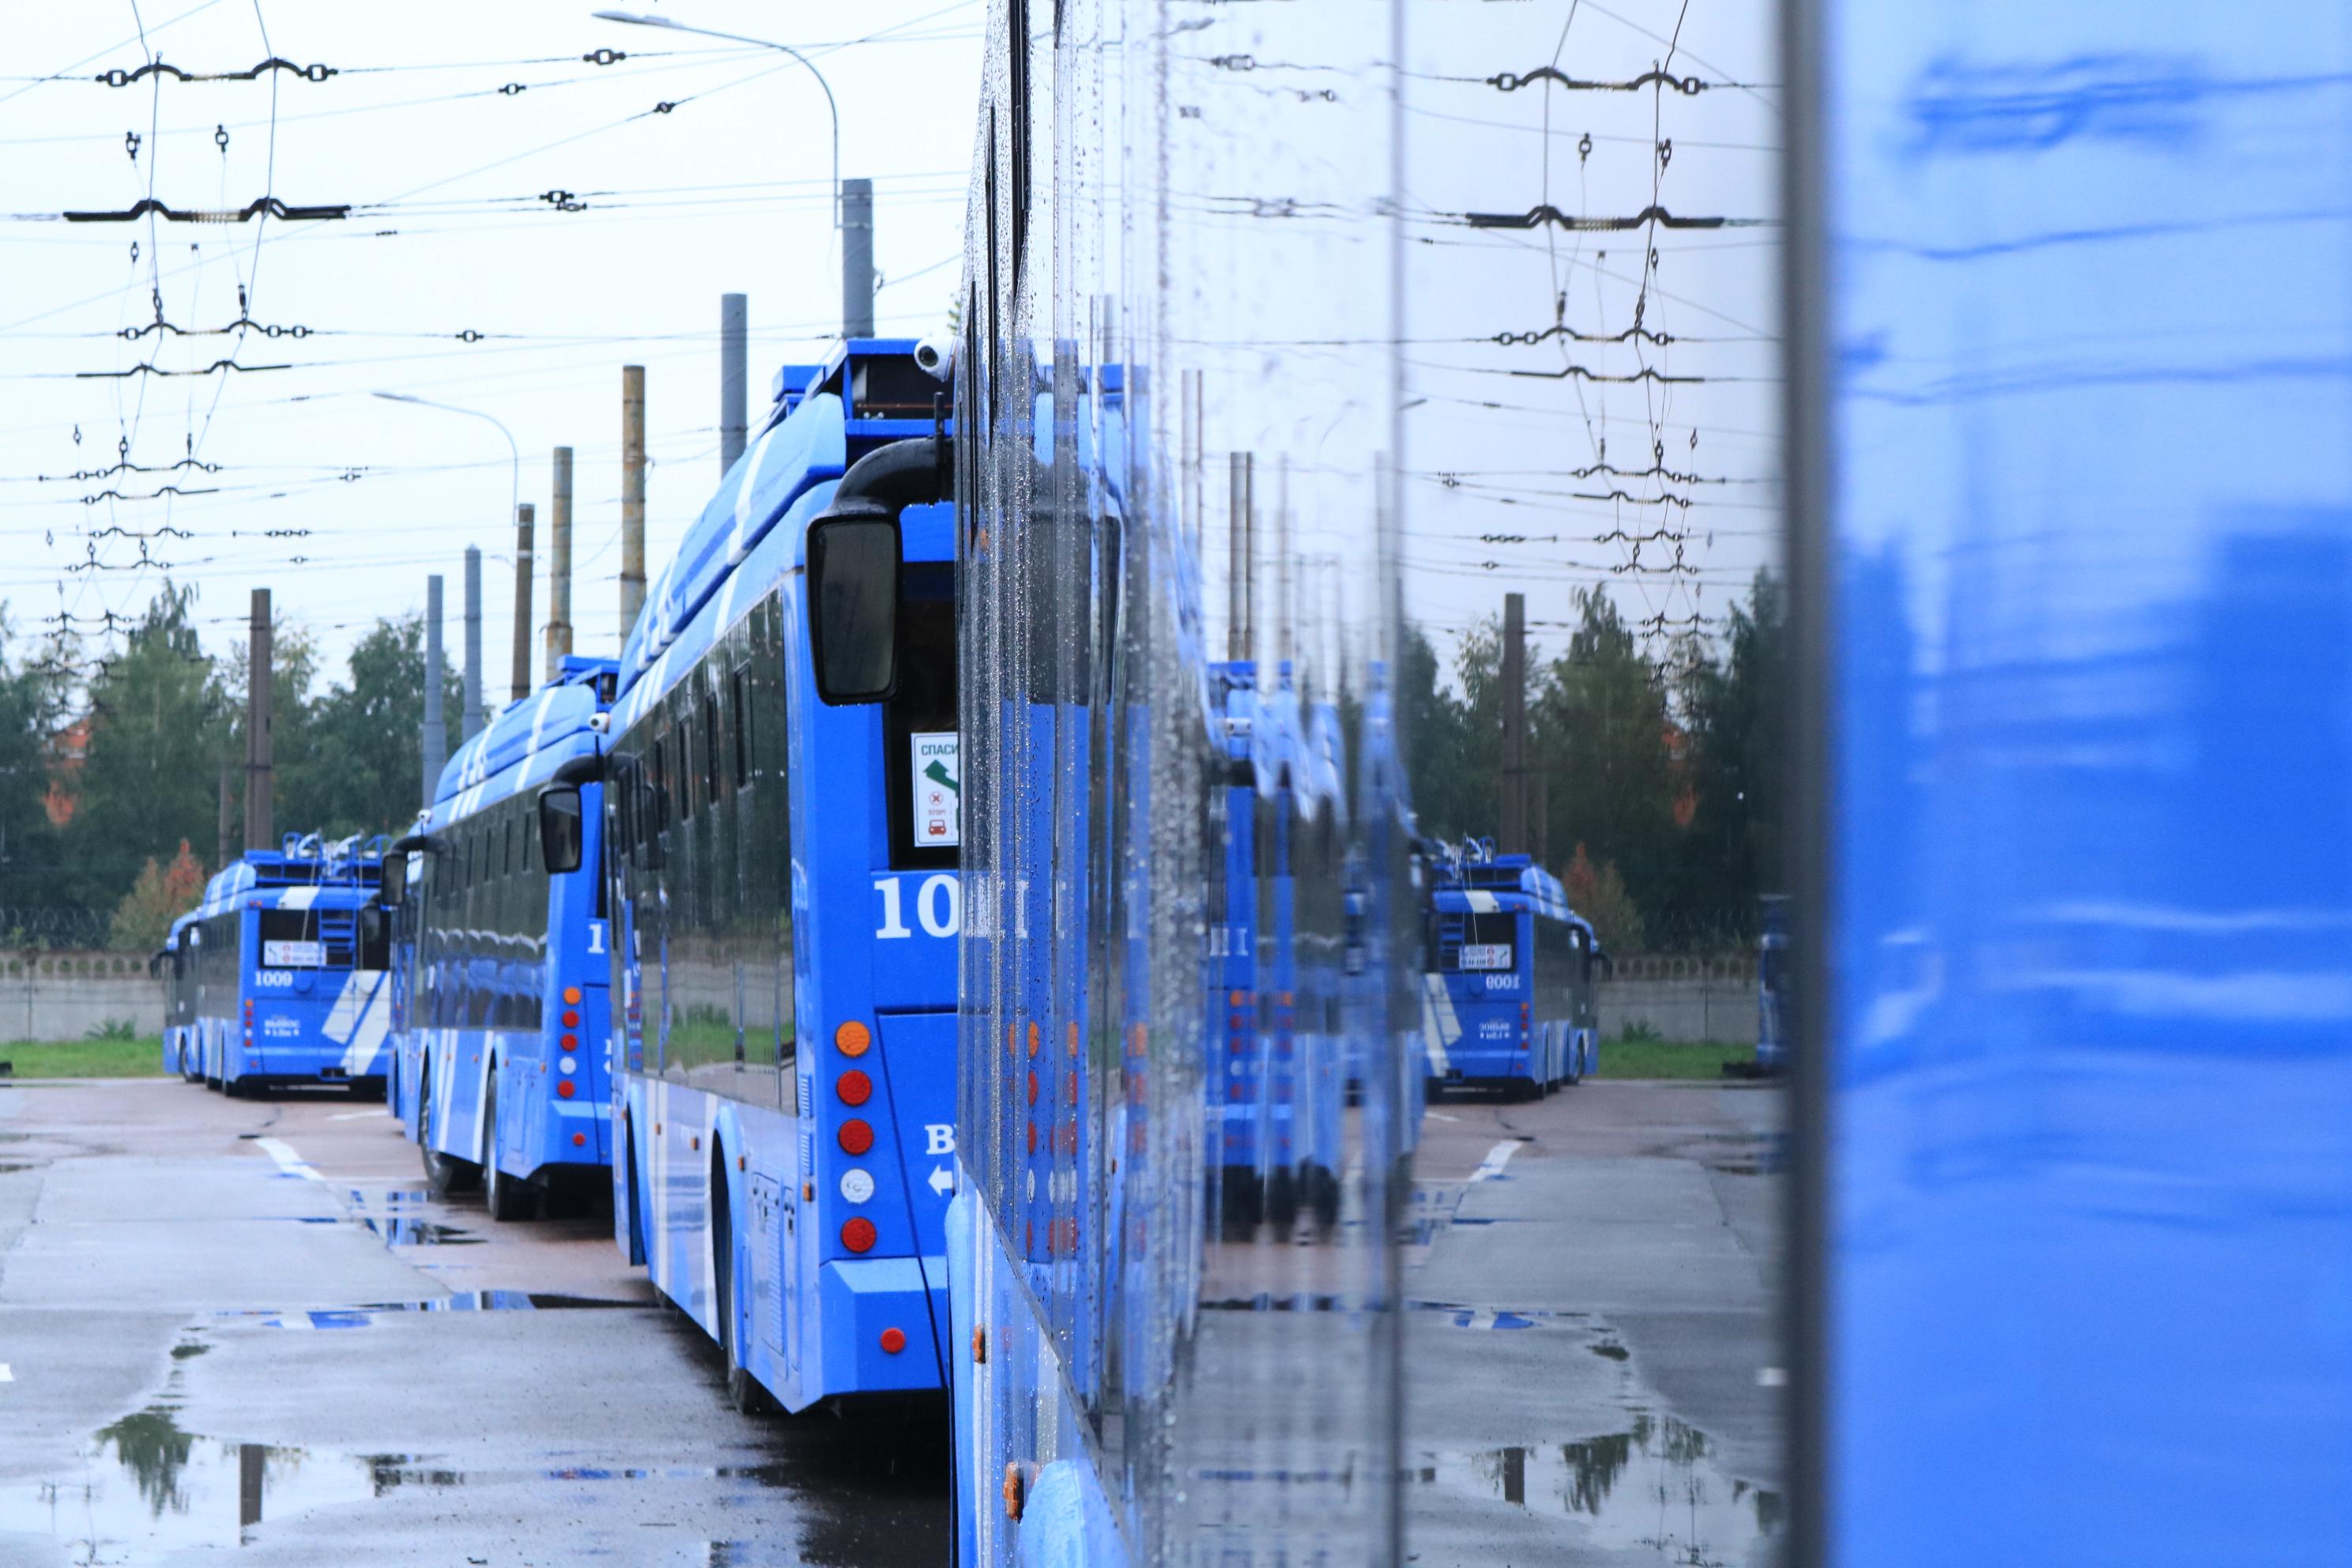 Петербургский троллейбус открыл 82-й сезон